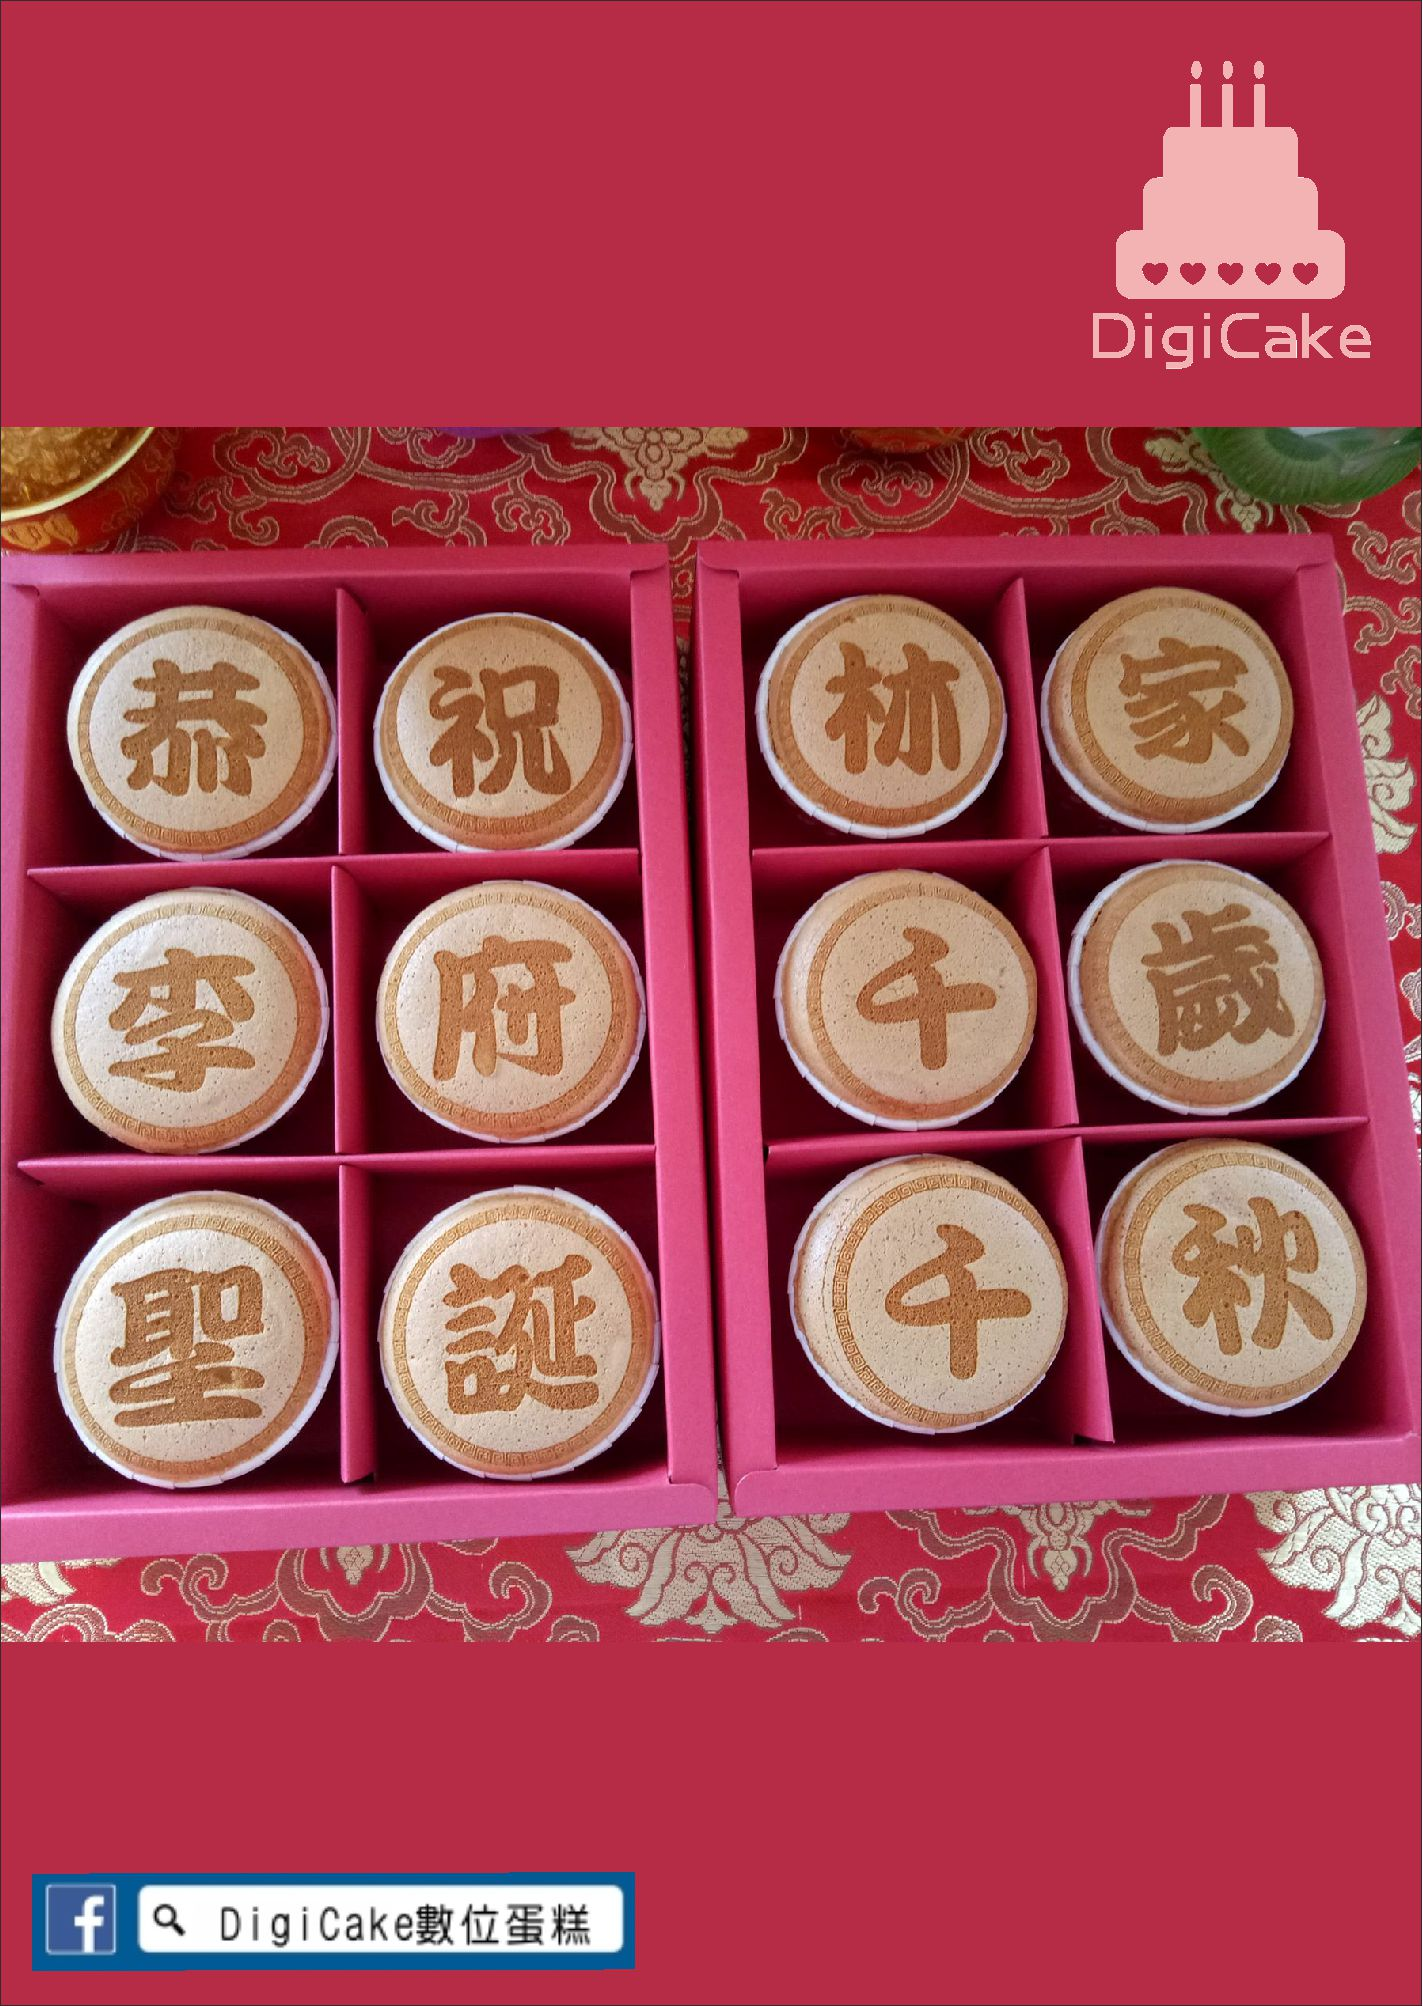 點此進入李府王爺 單字神雕杯子蛋糕12杯禮盒+立架2的詳細資料!